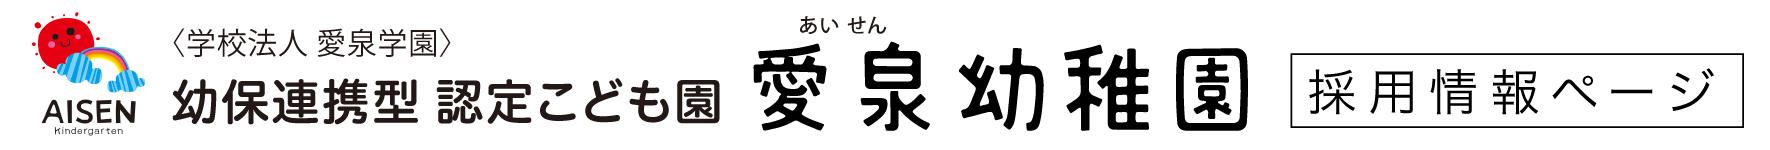 aisen_top_00.jpg